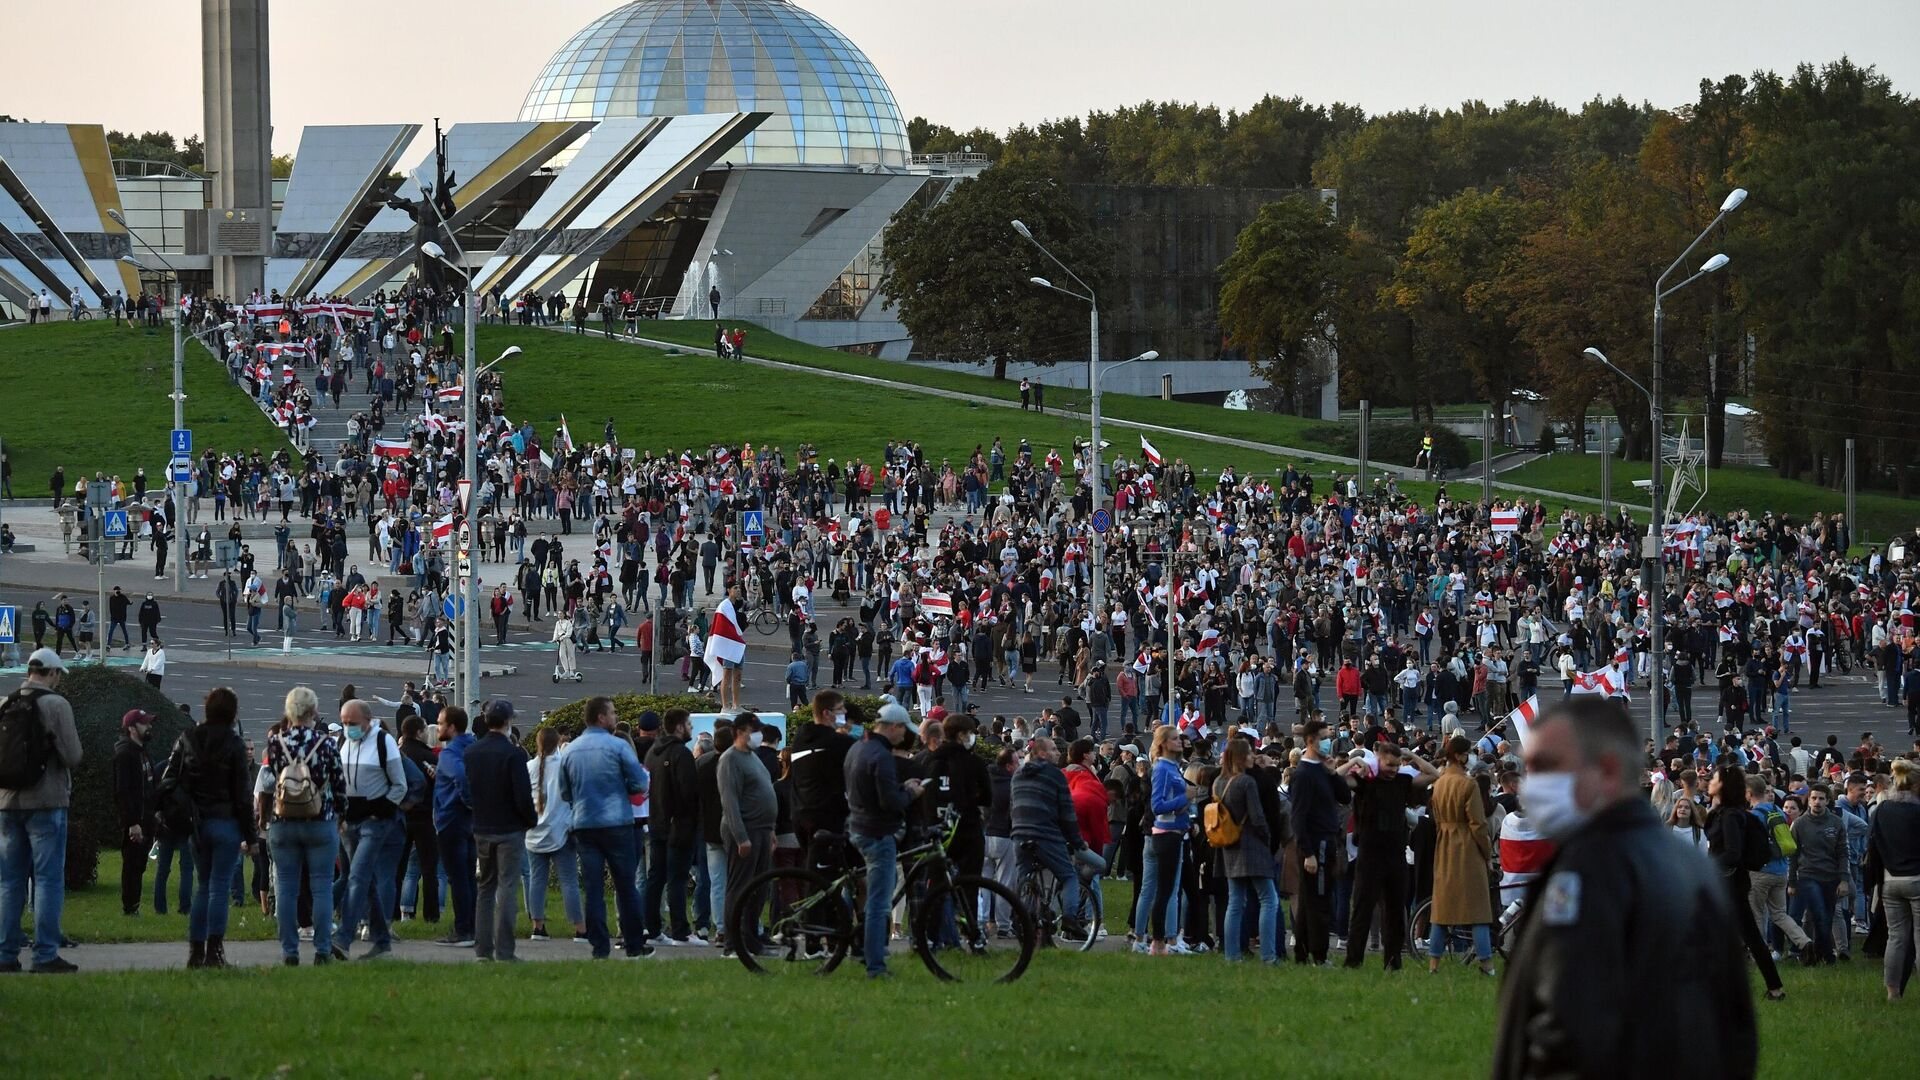 Участники акция протеста оппозиции в Минске - РИА Новости, 1920, 23.09.2020